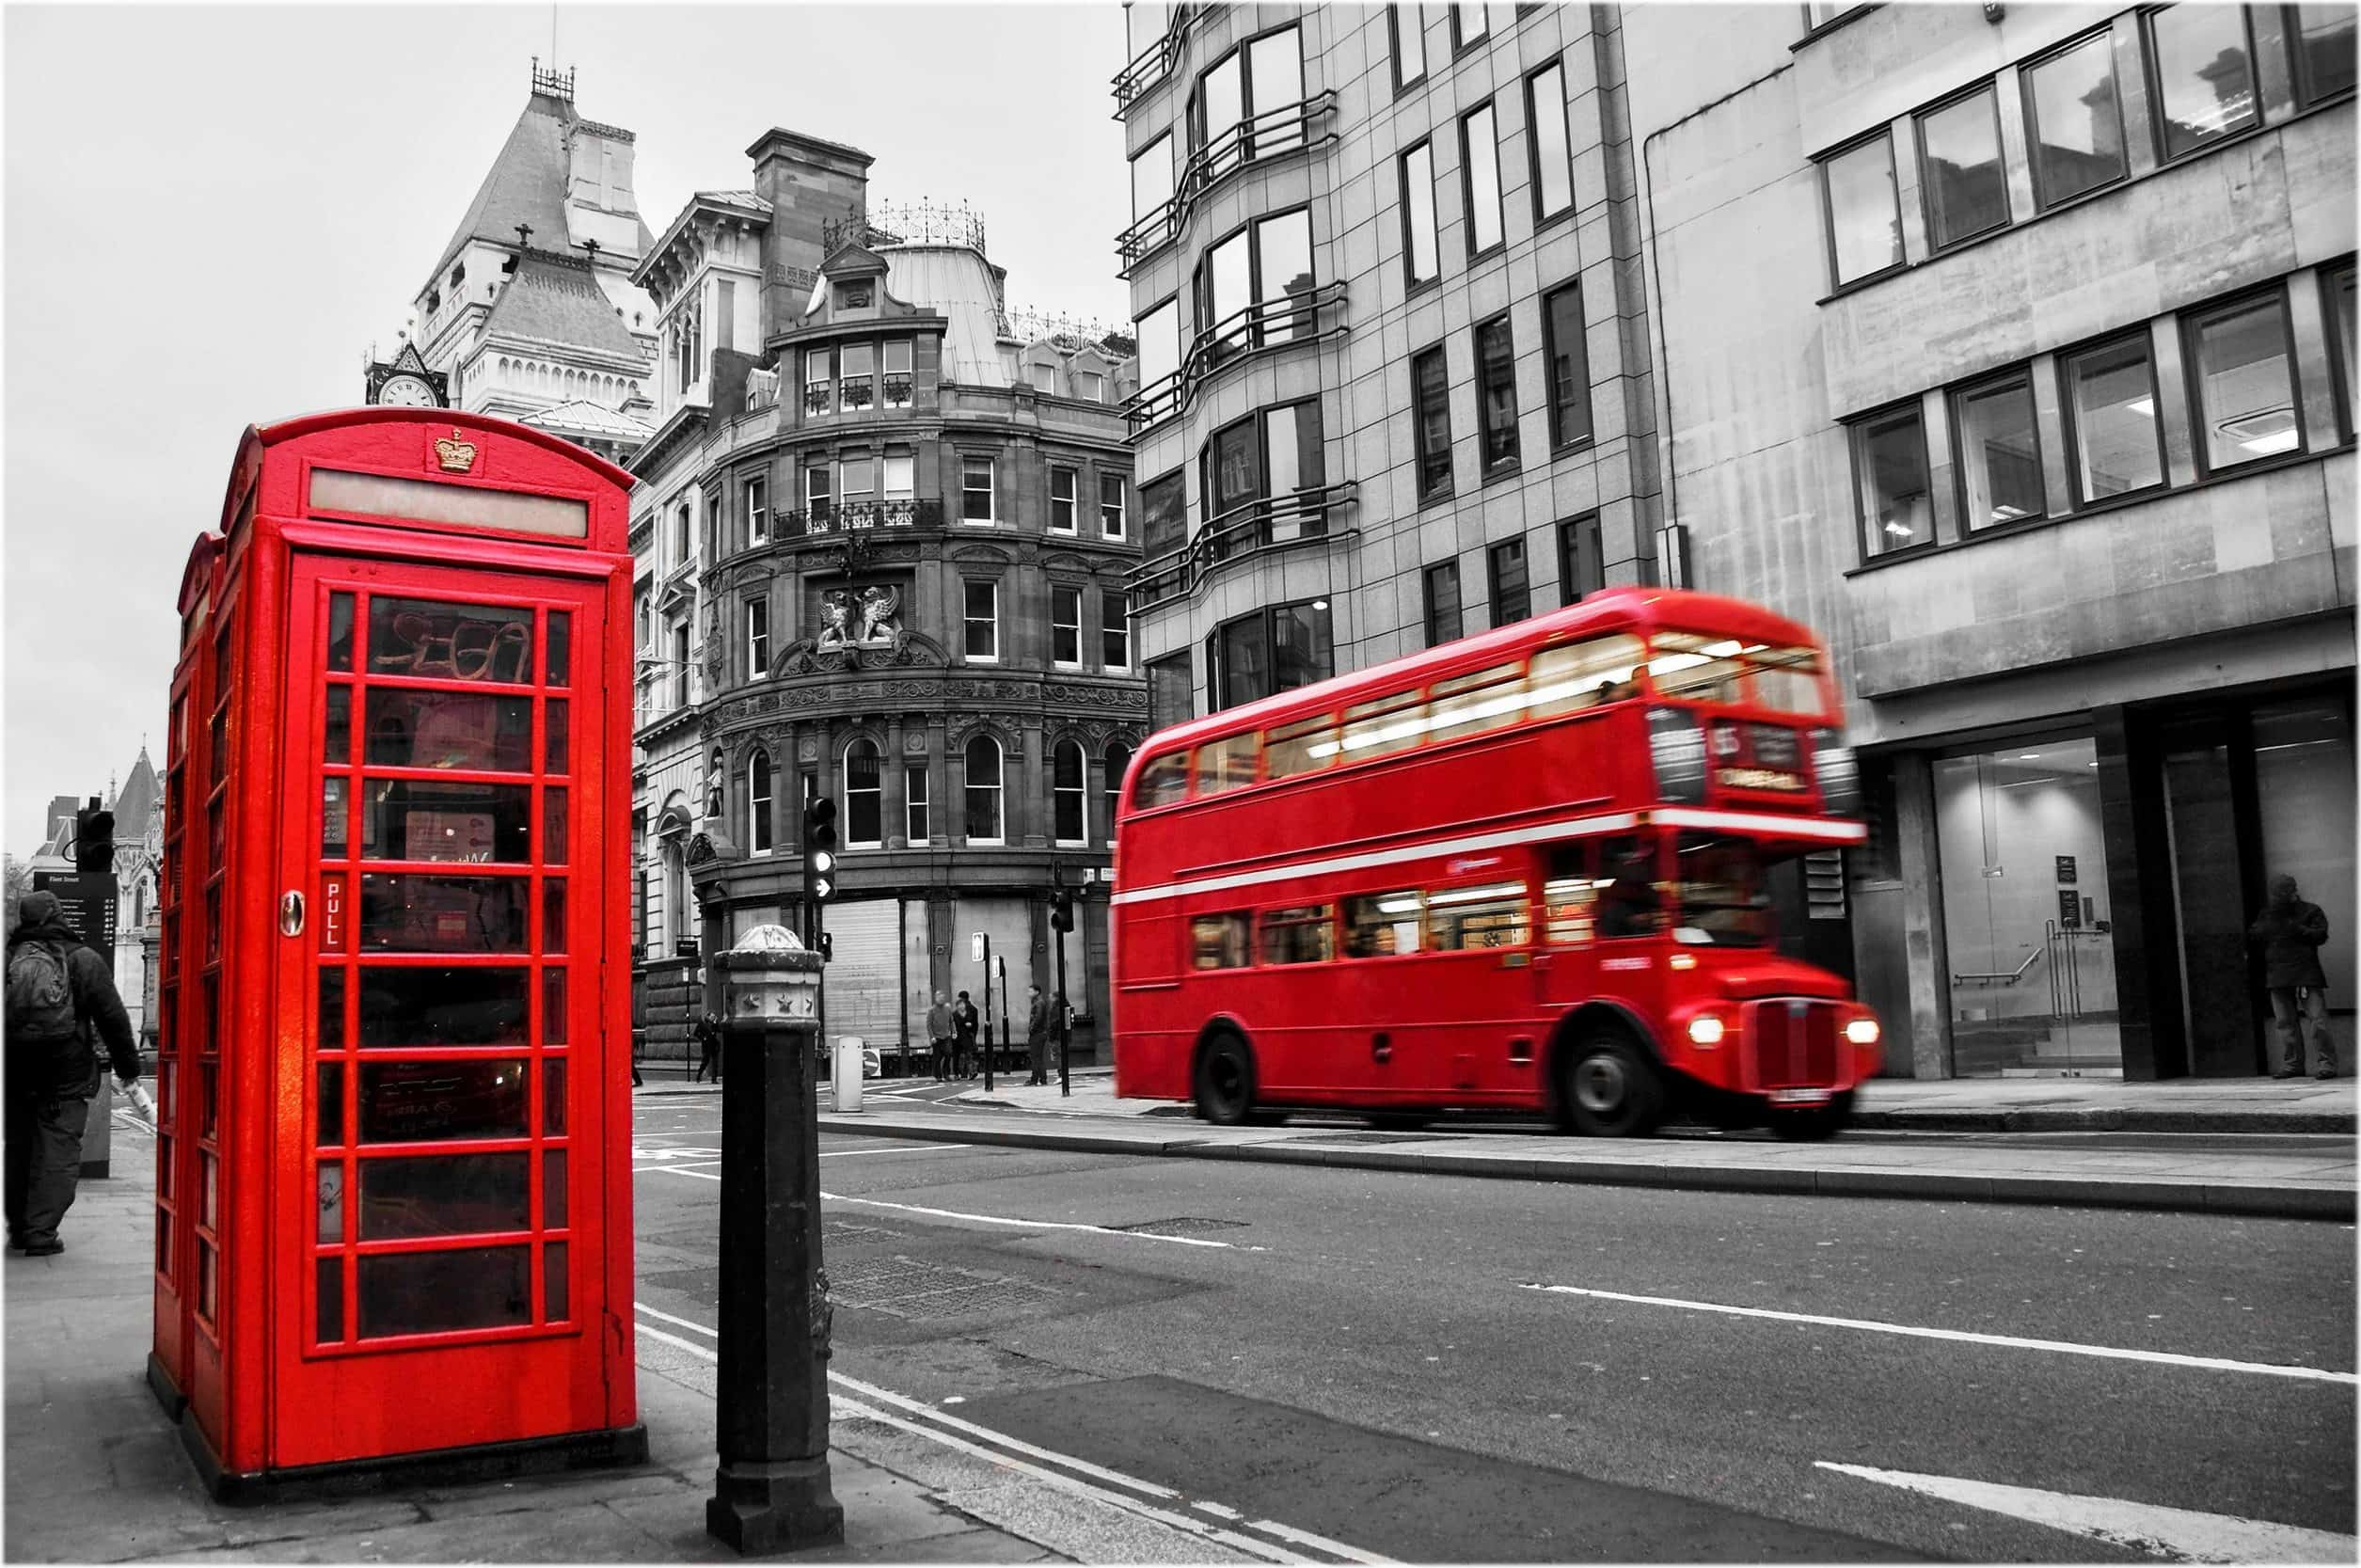 фотографии лондона в хорошем качестве это источник